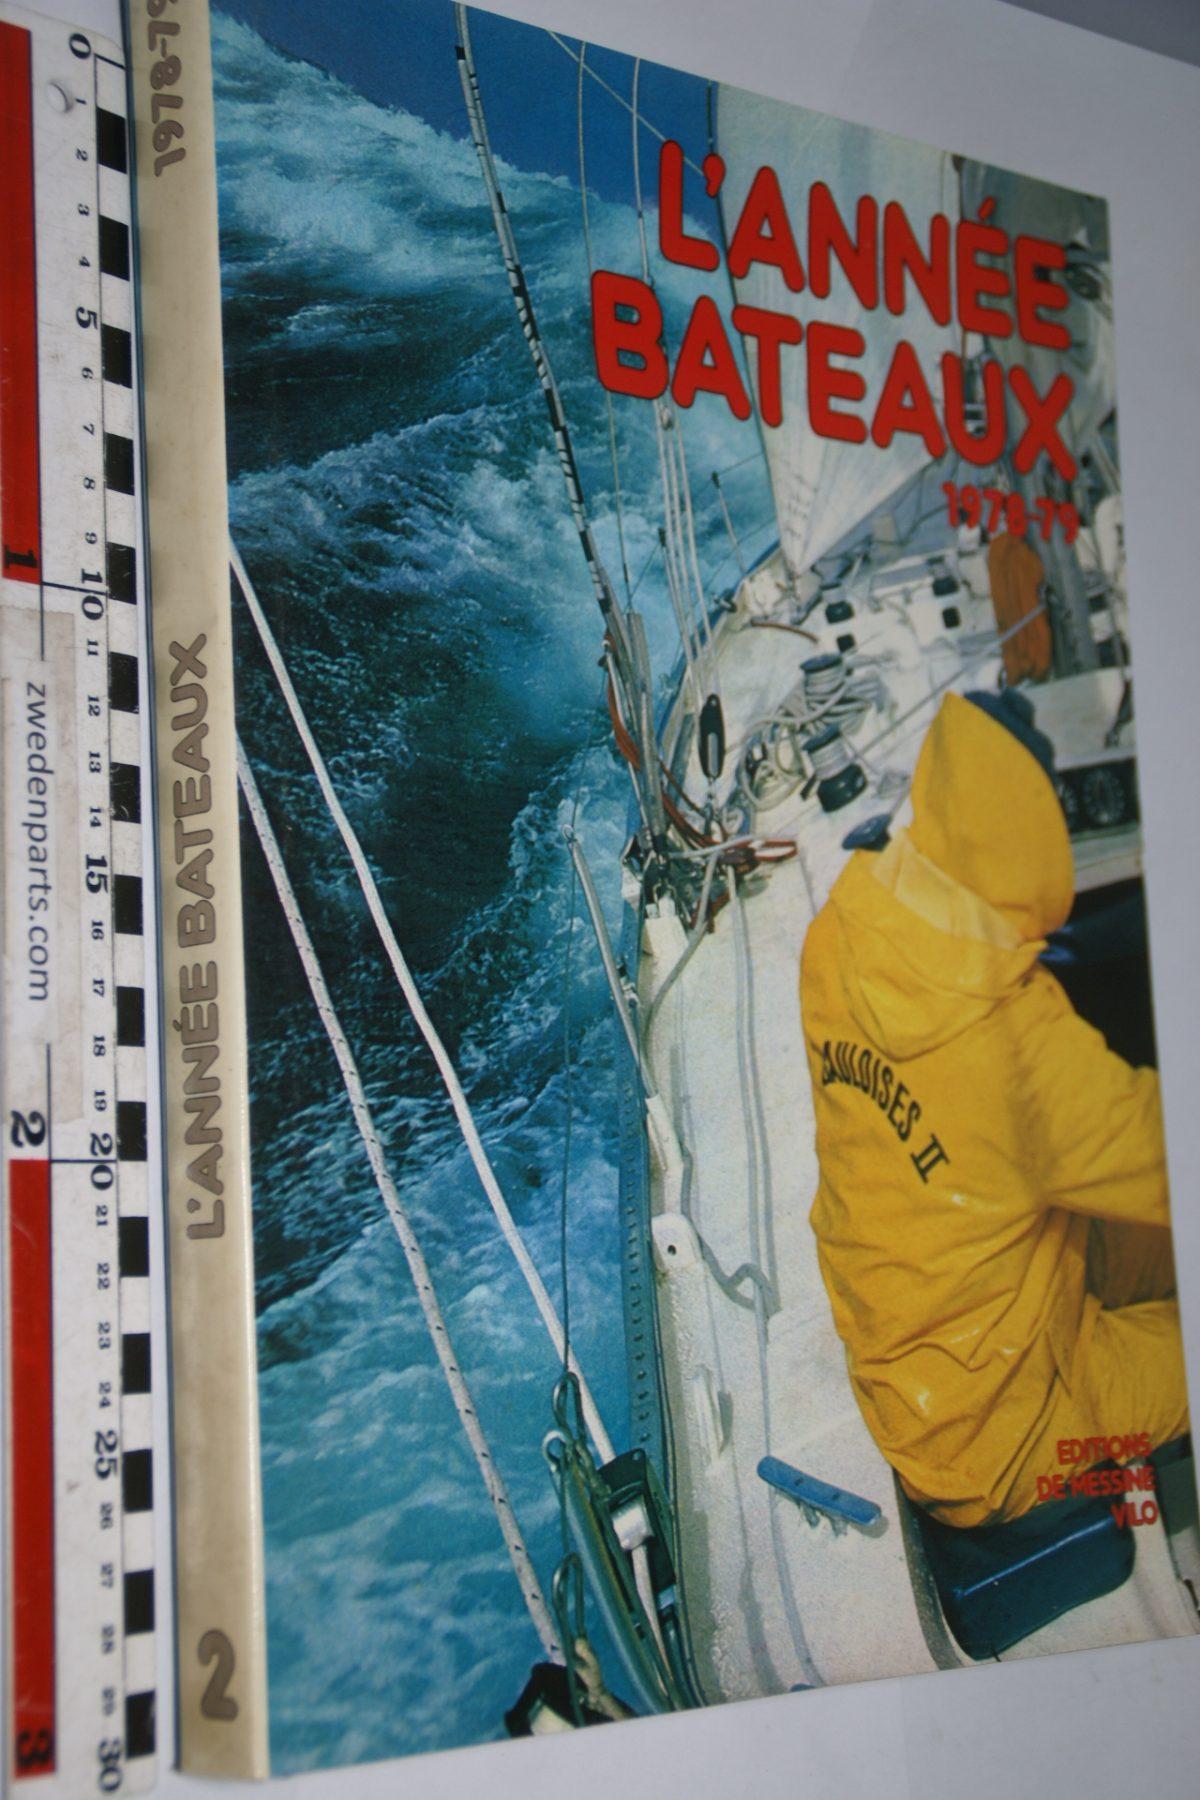 DSC06964 1978-79 boek l'Année Bateaux ISBN 2719100676